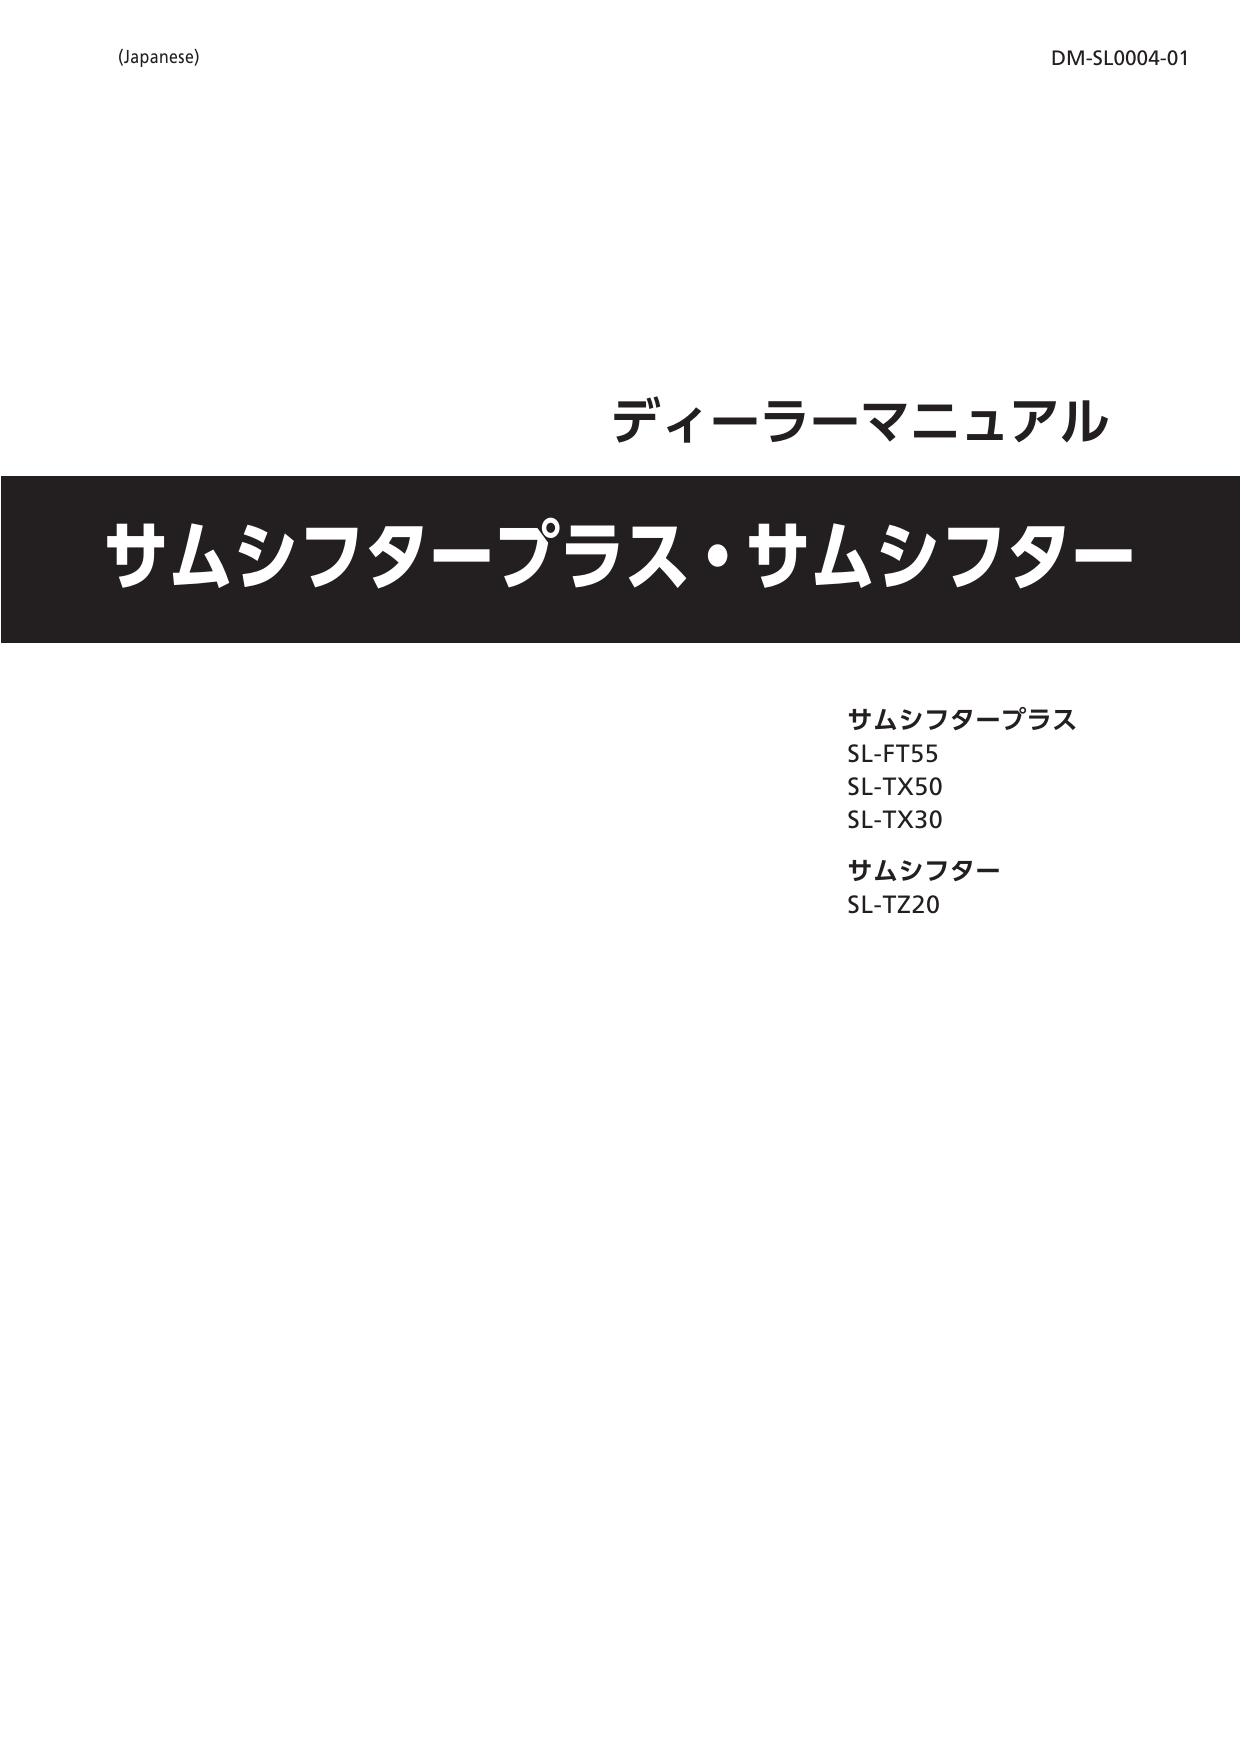 Shimano SL-TZ20, SL-TX50, SL-TX30, SL-FT55 User manual